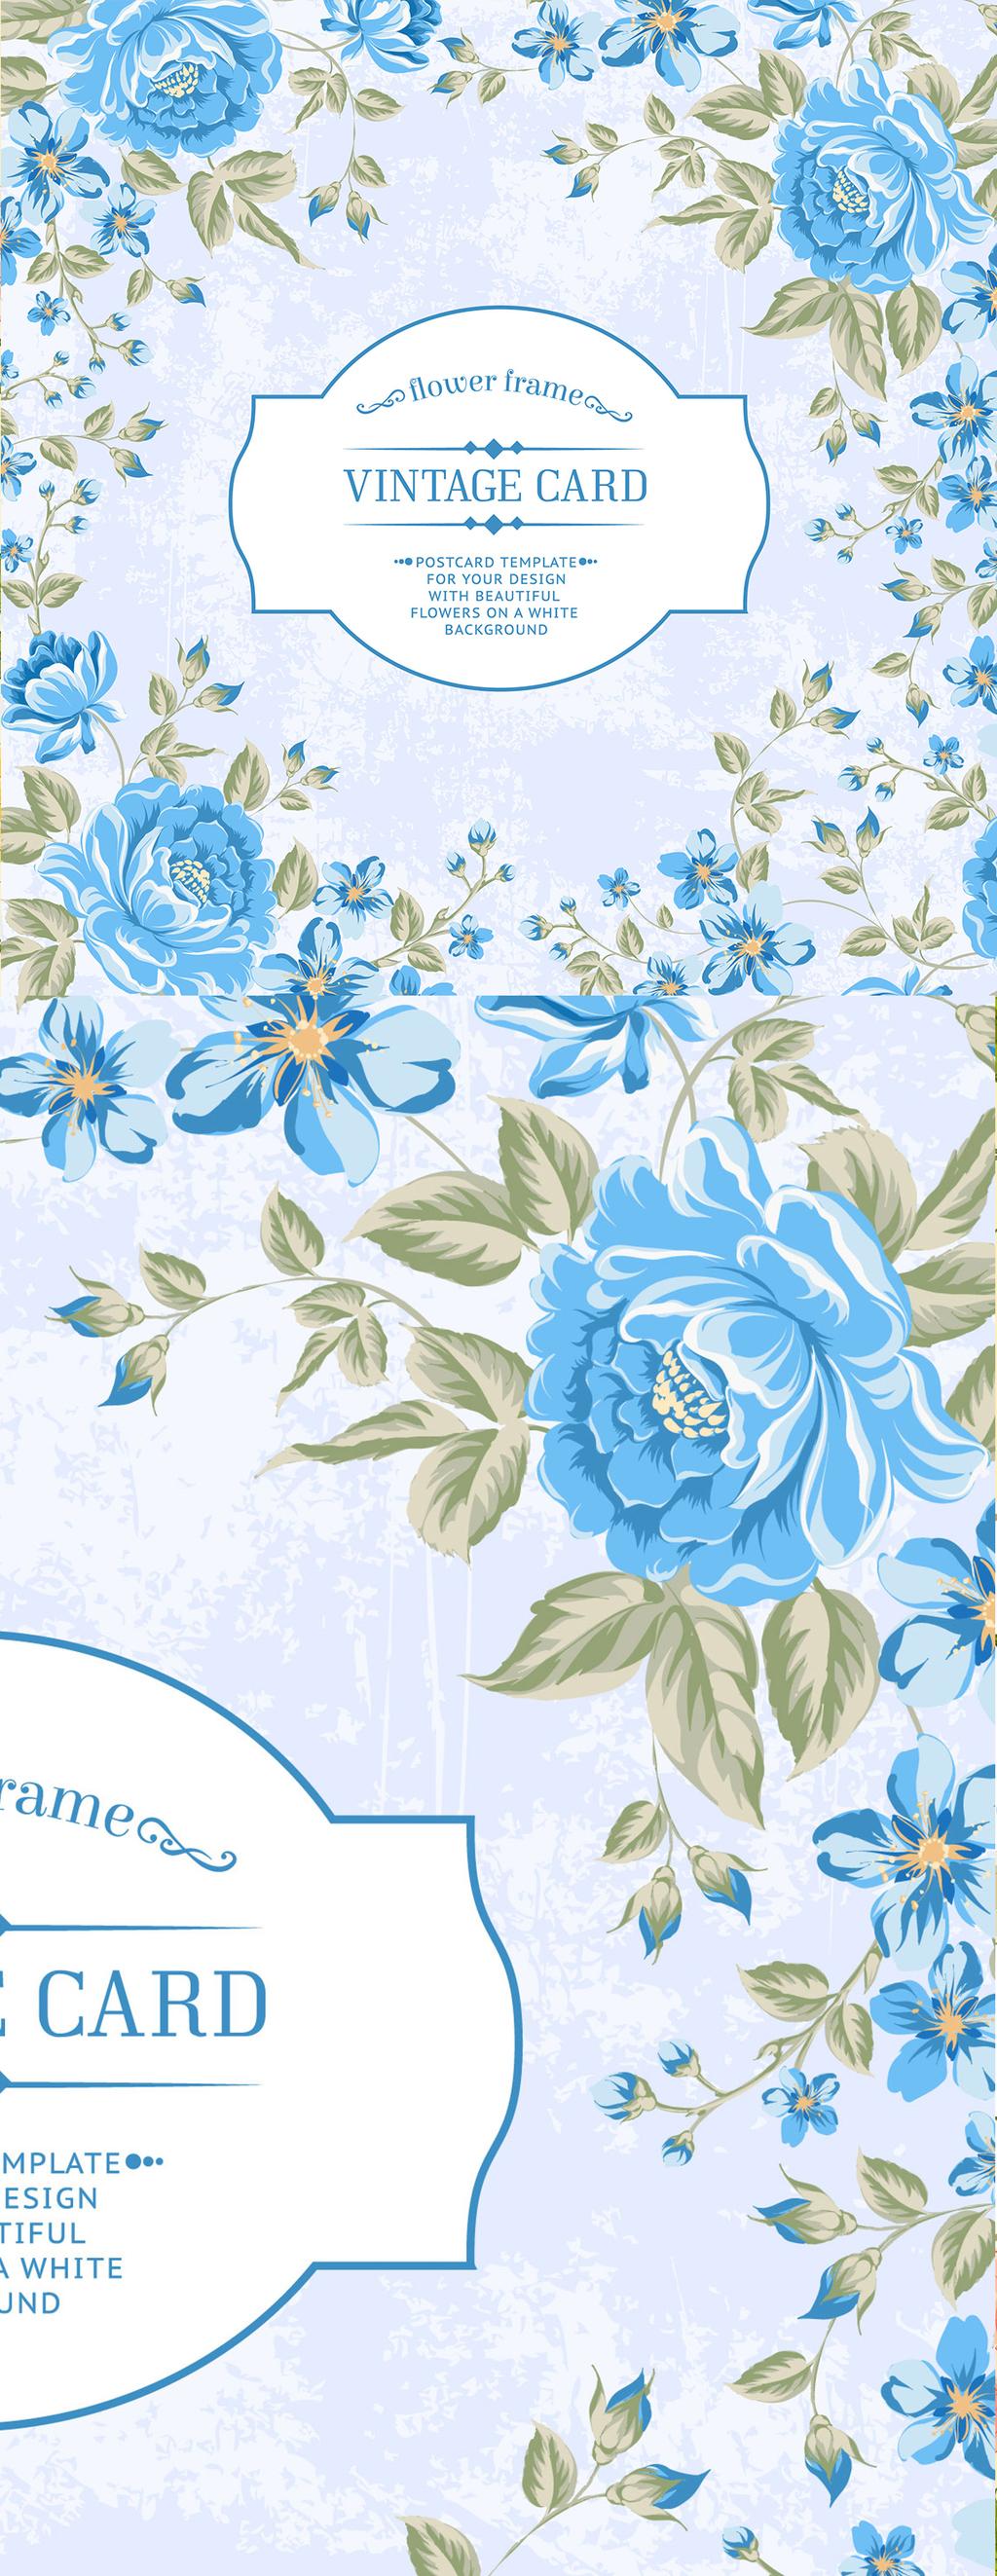 原创设计唯美手绘蓝色鲜花边框婚礼请柬矢量素材素材是用户qqaa